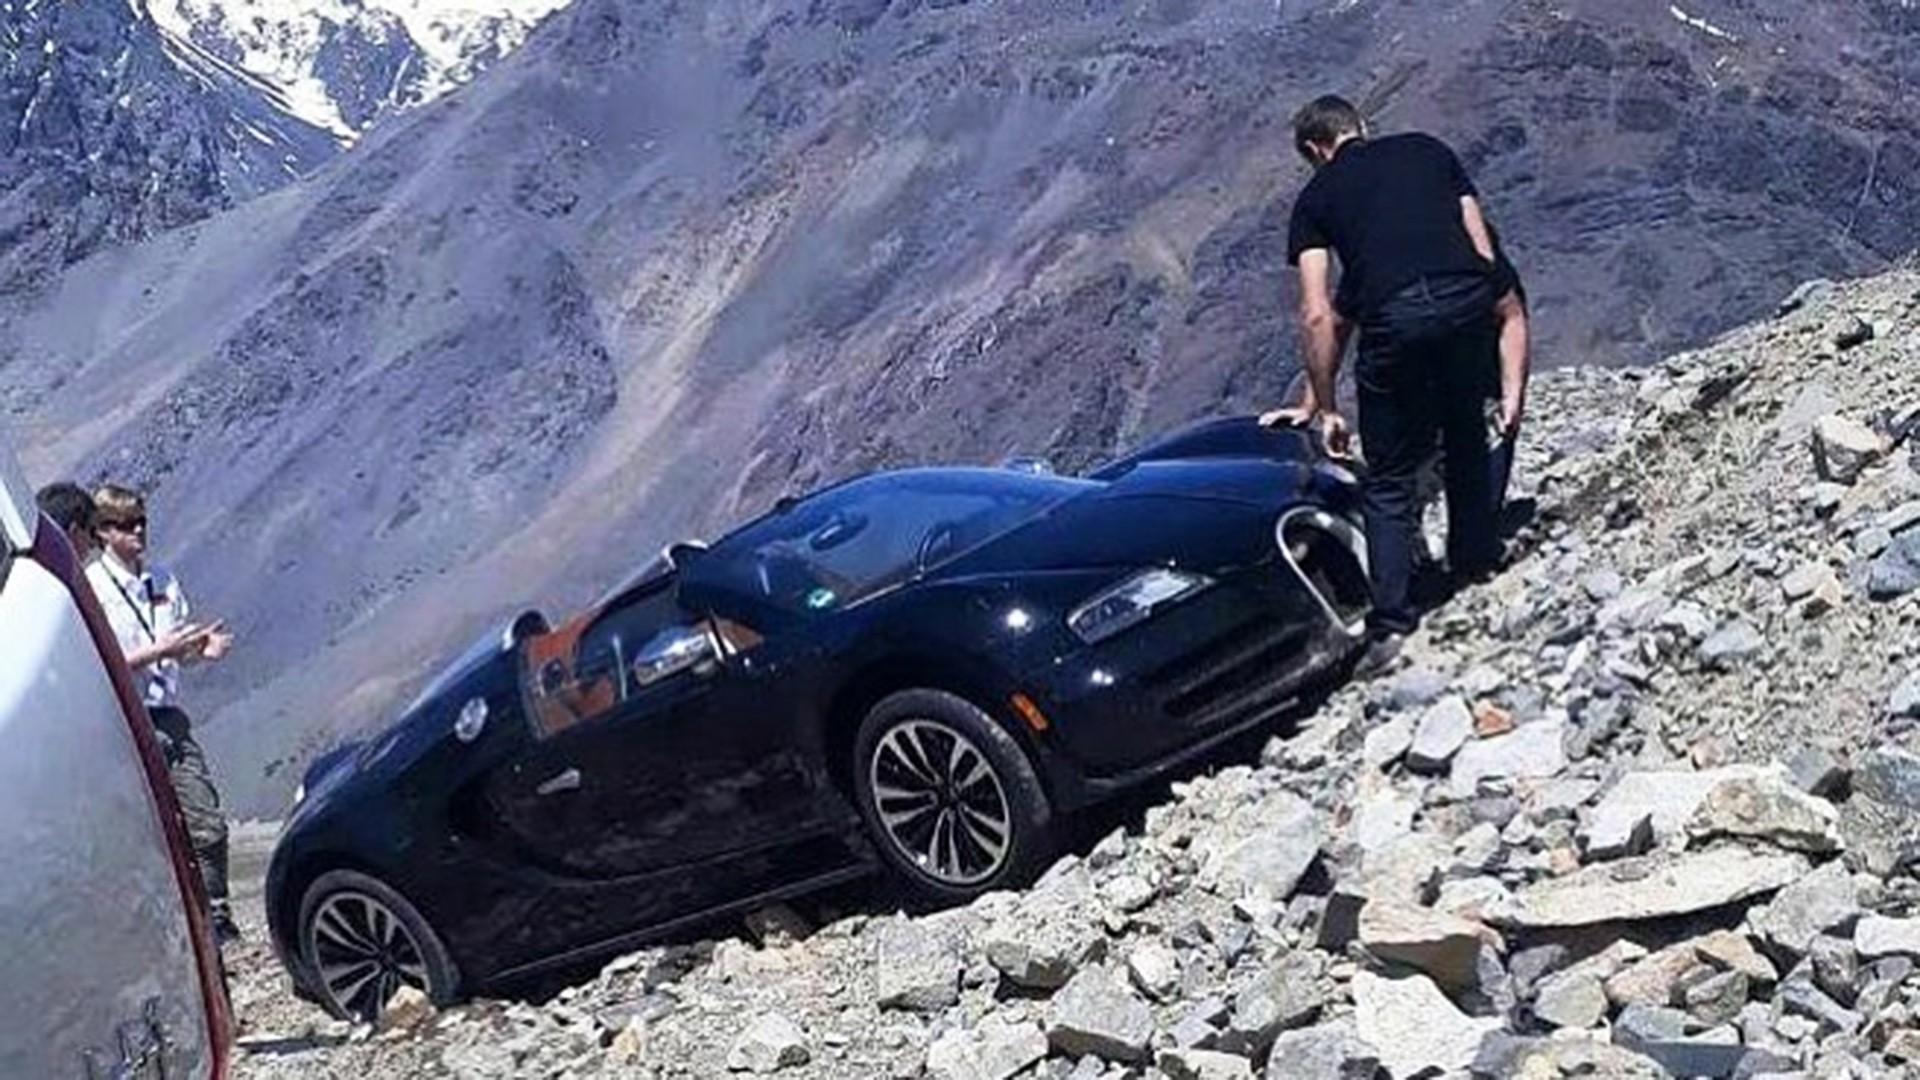 Bugatti Veyron Super Sport >> Bugatti: incredibile incidente di una Veyron bloccata tra ...